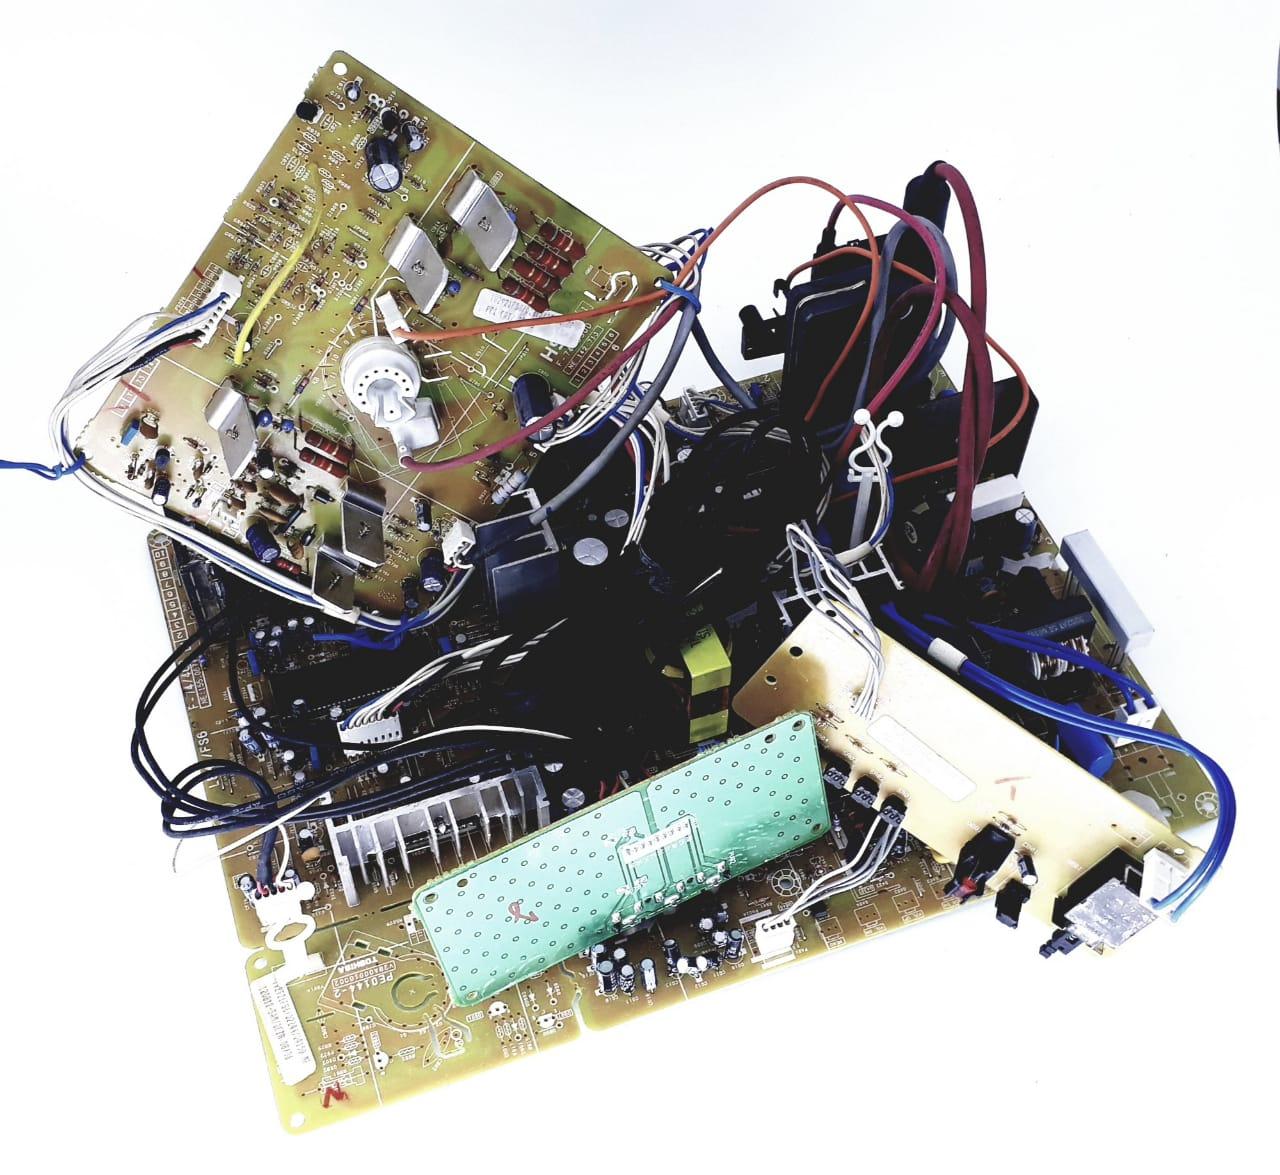 Placa principal para TV  de Tubo modelo TV 2921 SS/SS FS6 da marca Semp Toshiba